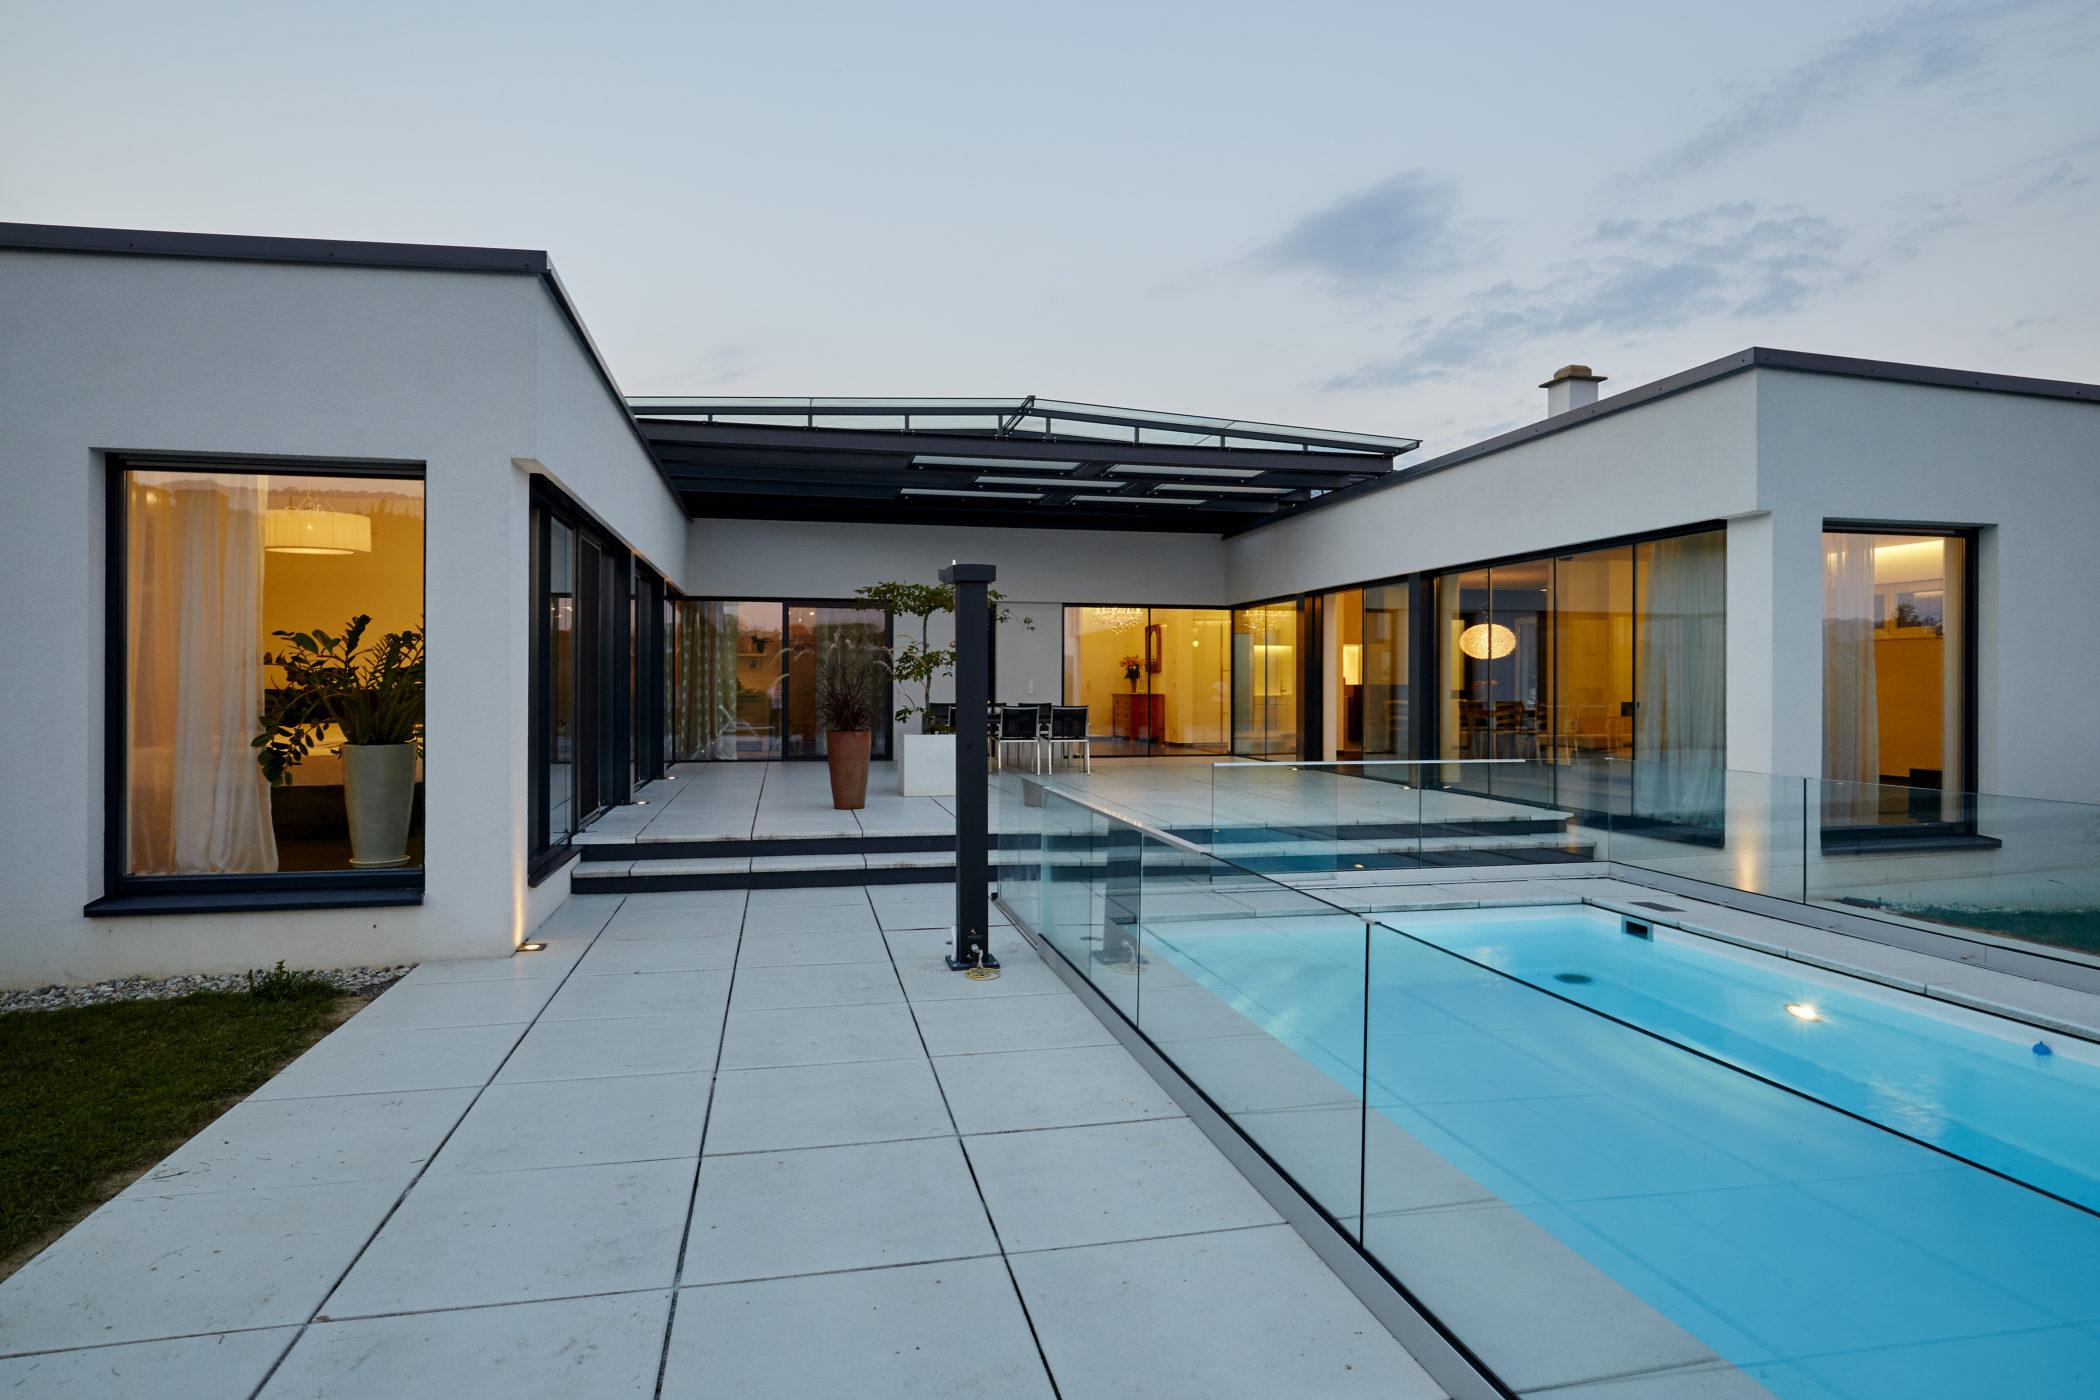 Gebäude, Architektur, Atrium, Schwimmbad